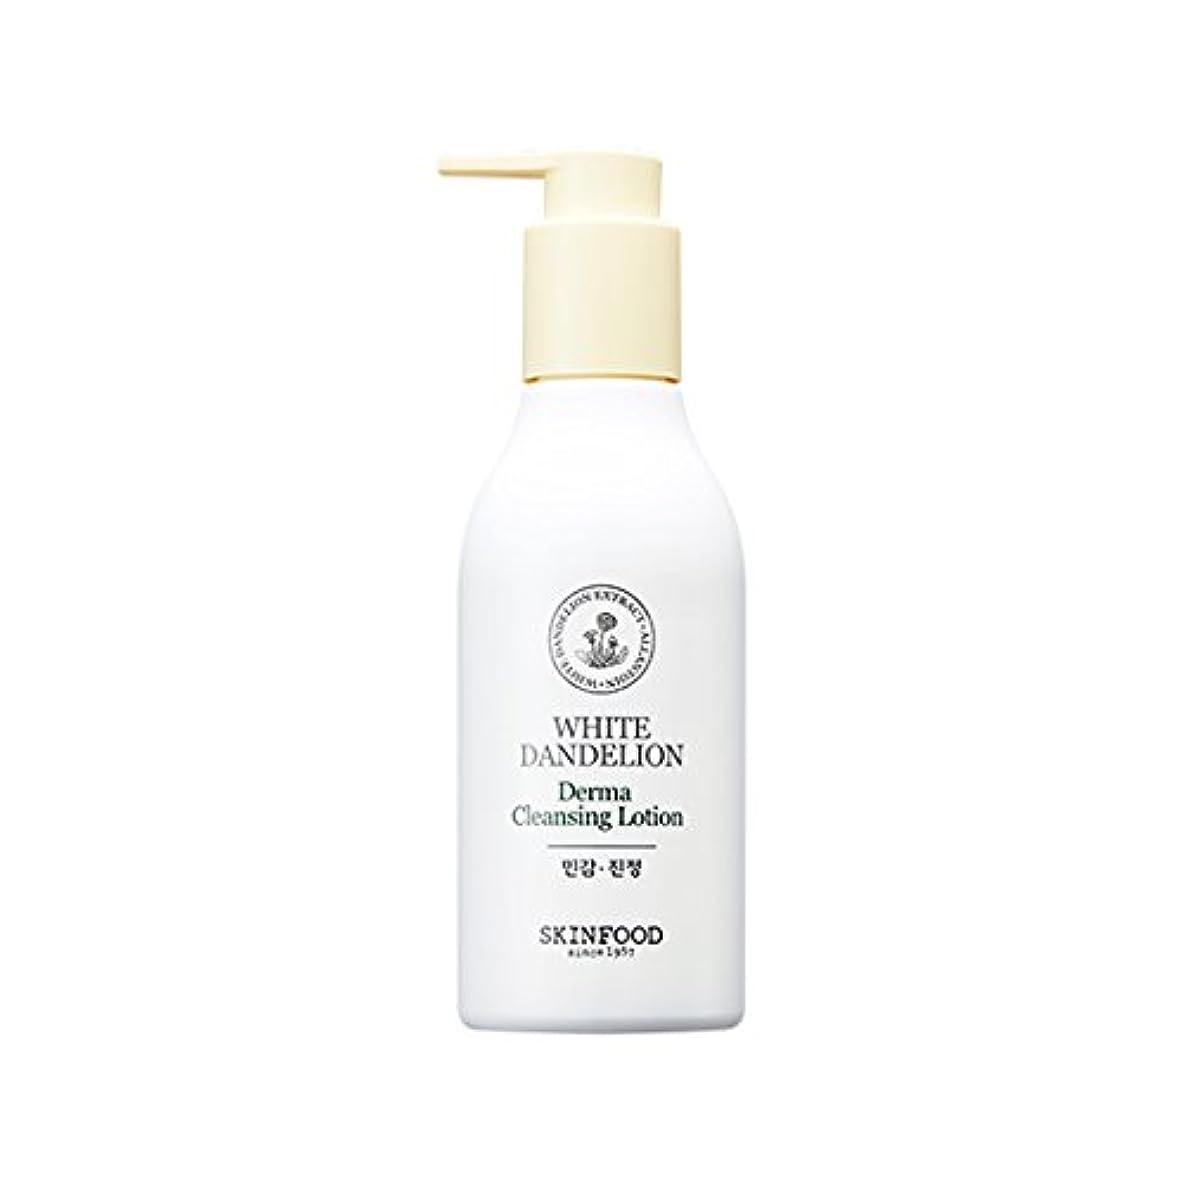 公爵計り知れない医薬品Skinfood/White Dandelion Derma Cleansing Lotion/ホワイトタンポポダーマクレンジングローション/200ml [並行輸入品]